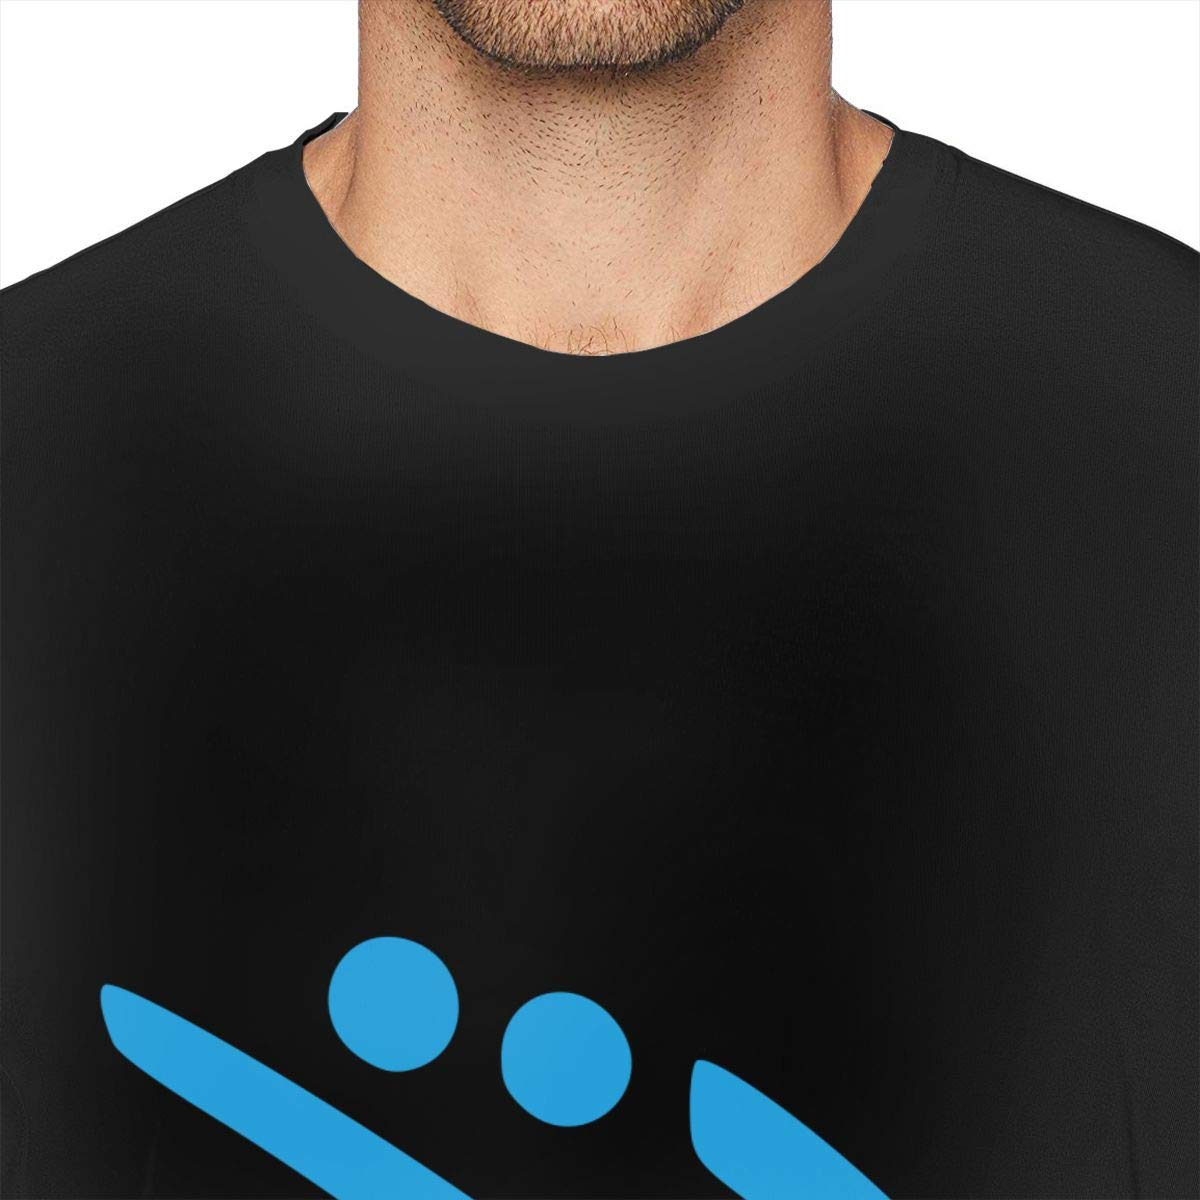 Casual Shirt for Men Teenagers ZlTRNNc Bobsleigh Mens Shirt Short Sleeve T-Shirt